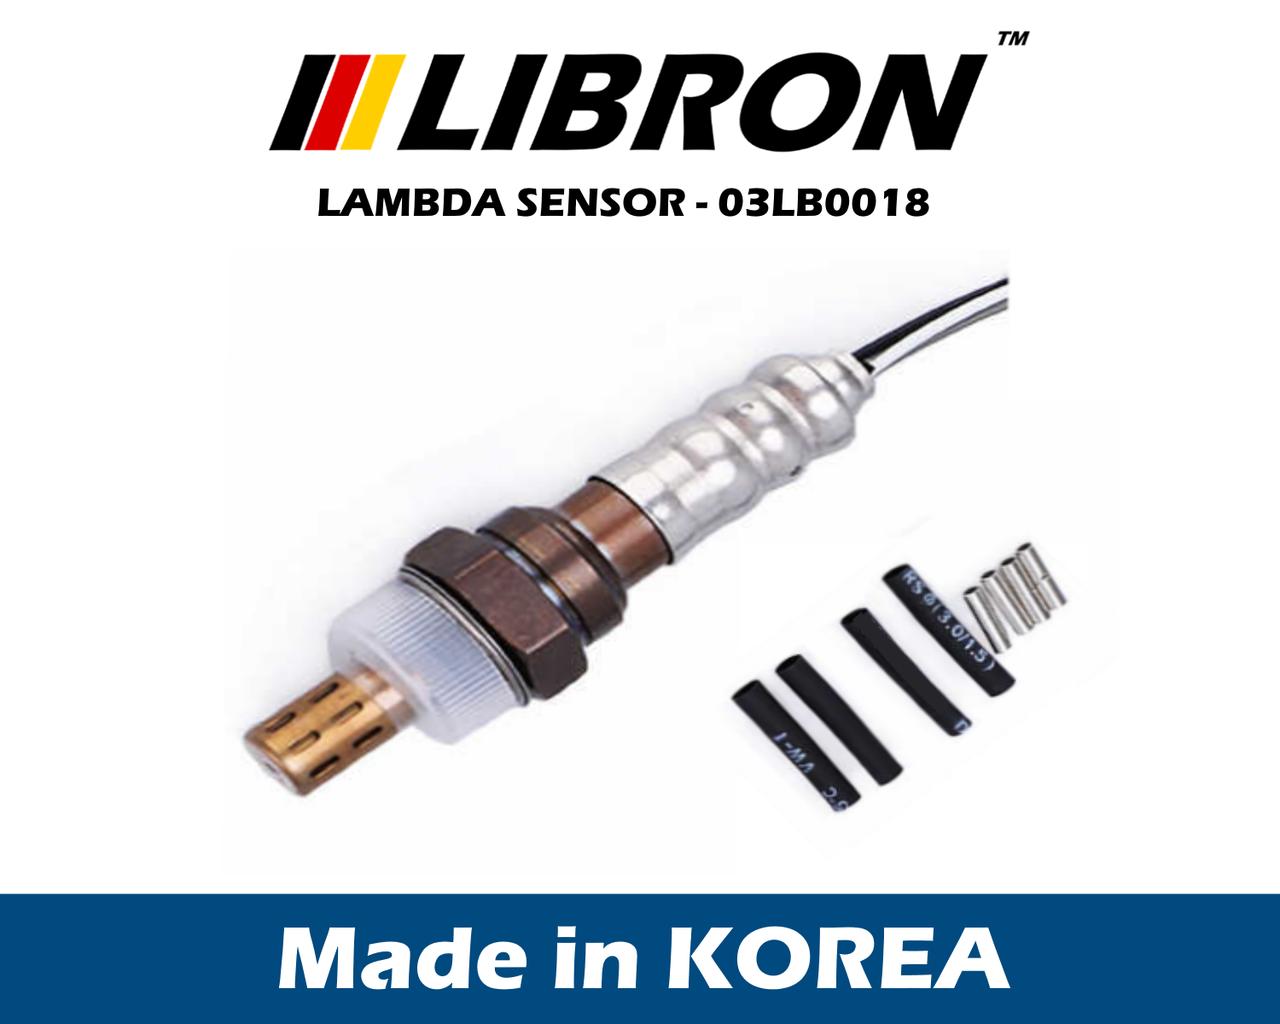 Лямбда зонд Libron 03LB0018 - Peugeot 1007 (KM_)